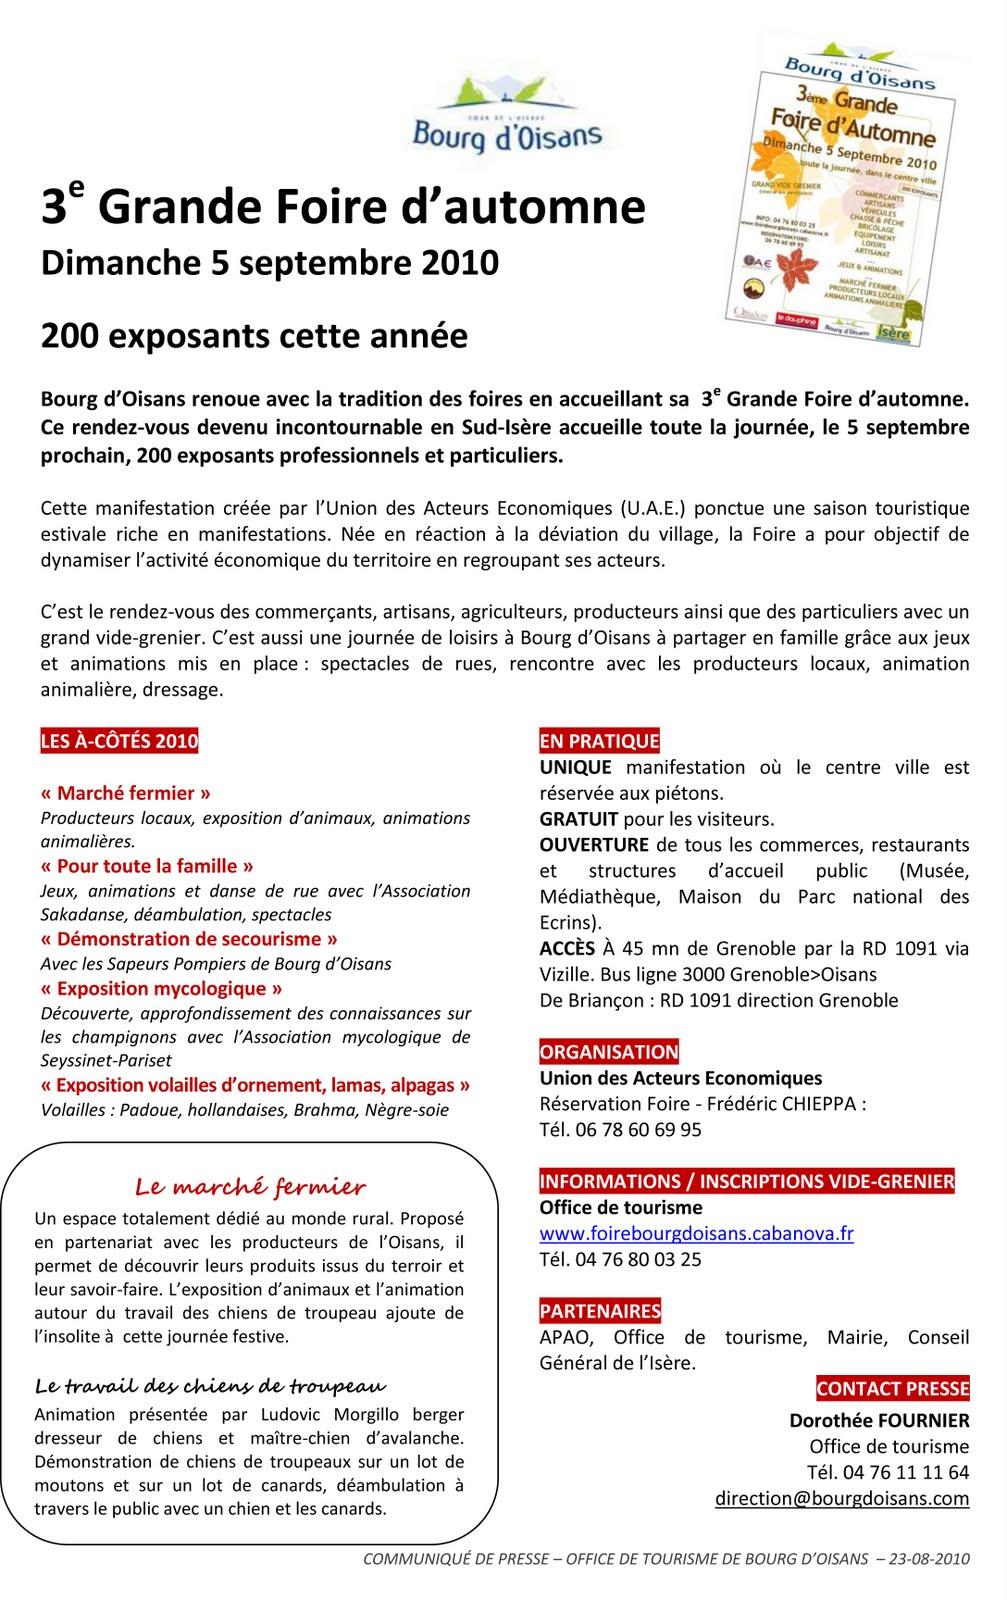 News de l 39 office de tourisme bourg d 39 oisans septembre 2010 - Bourg d oisans office tourisme ...